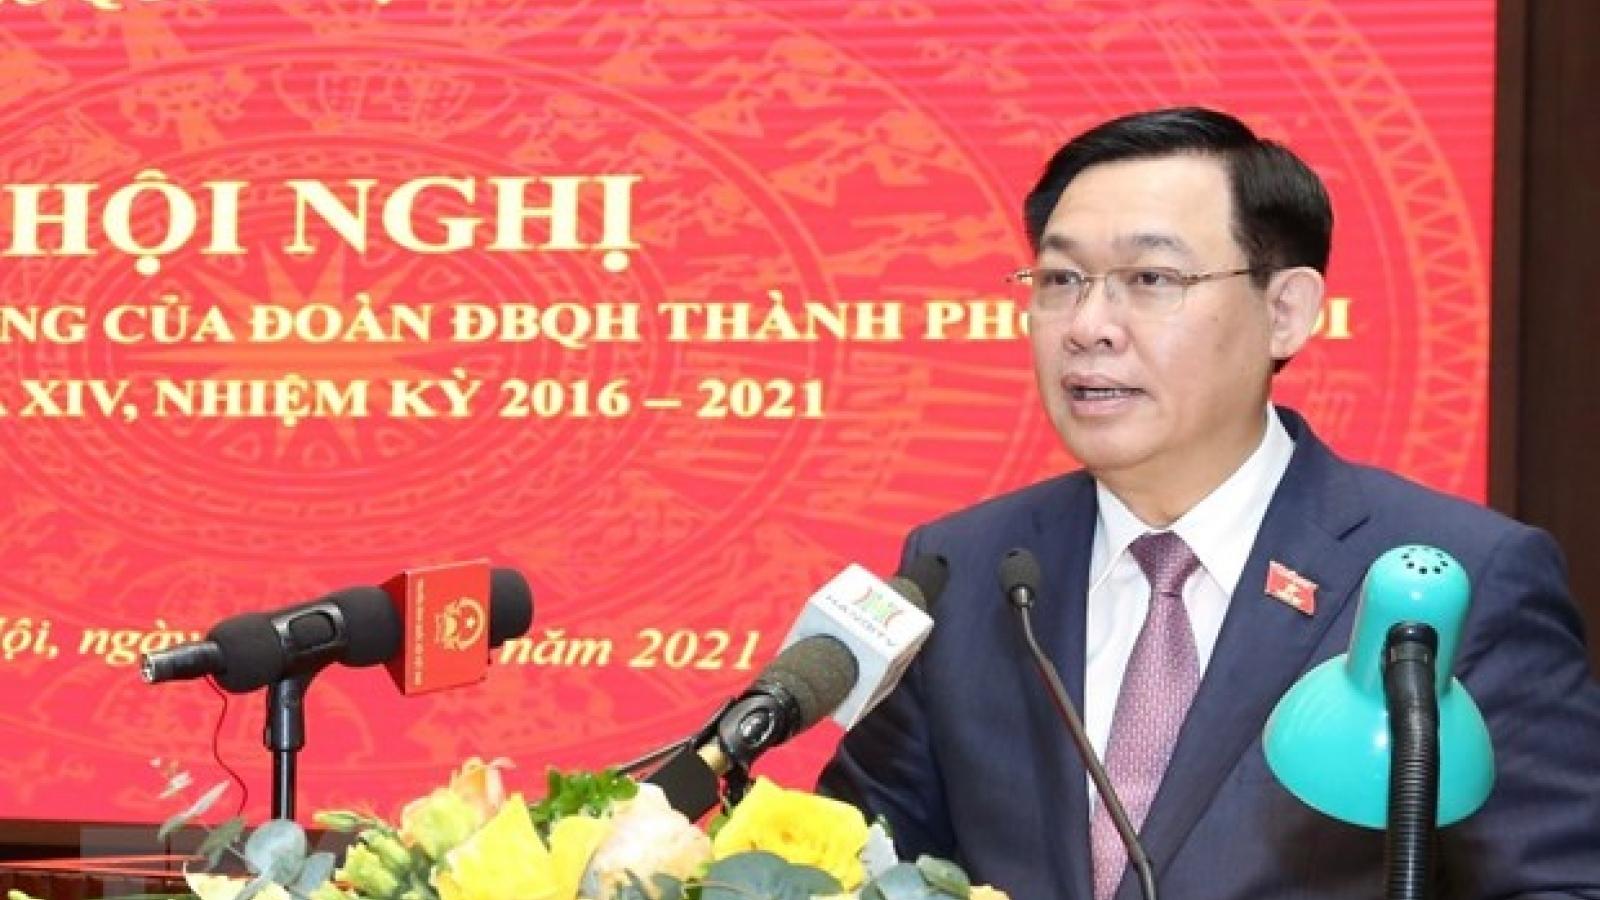 Bí thư Hà Nội Vương Đình Huệ: Vấn đề bức xúc cần được trả lời ngay tại tiếp xúc cử tri